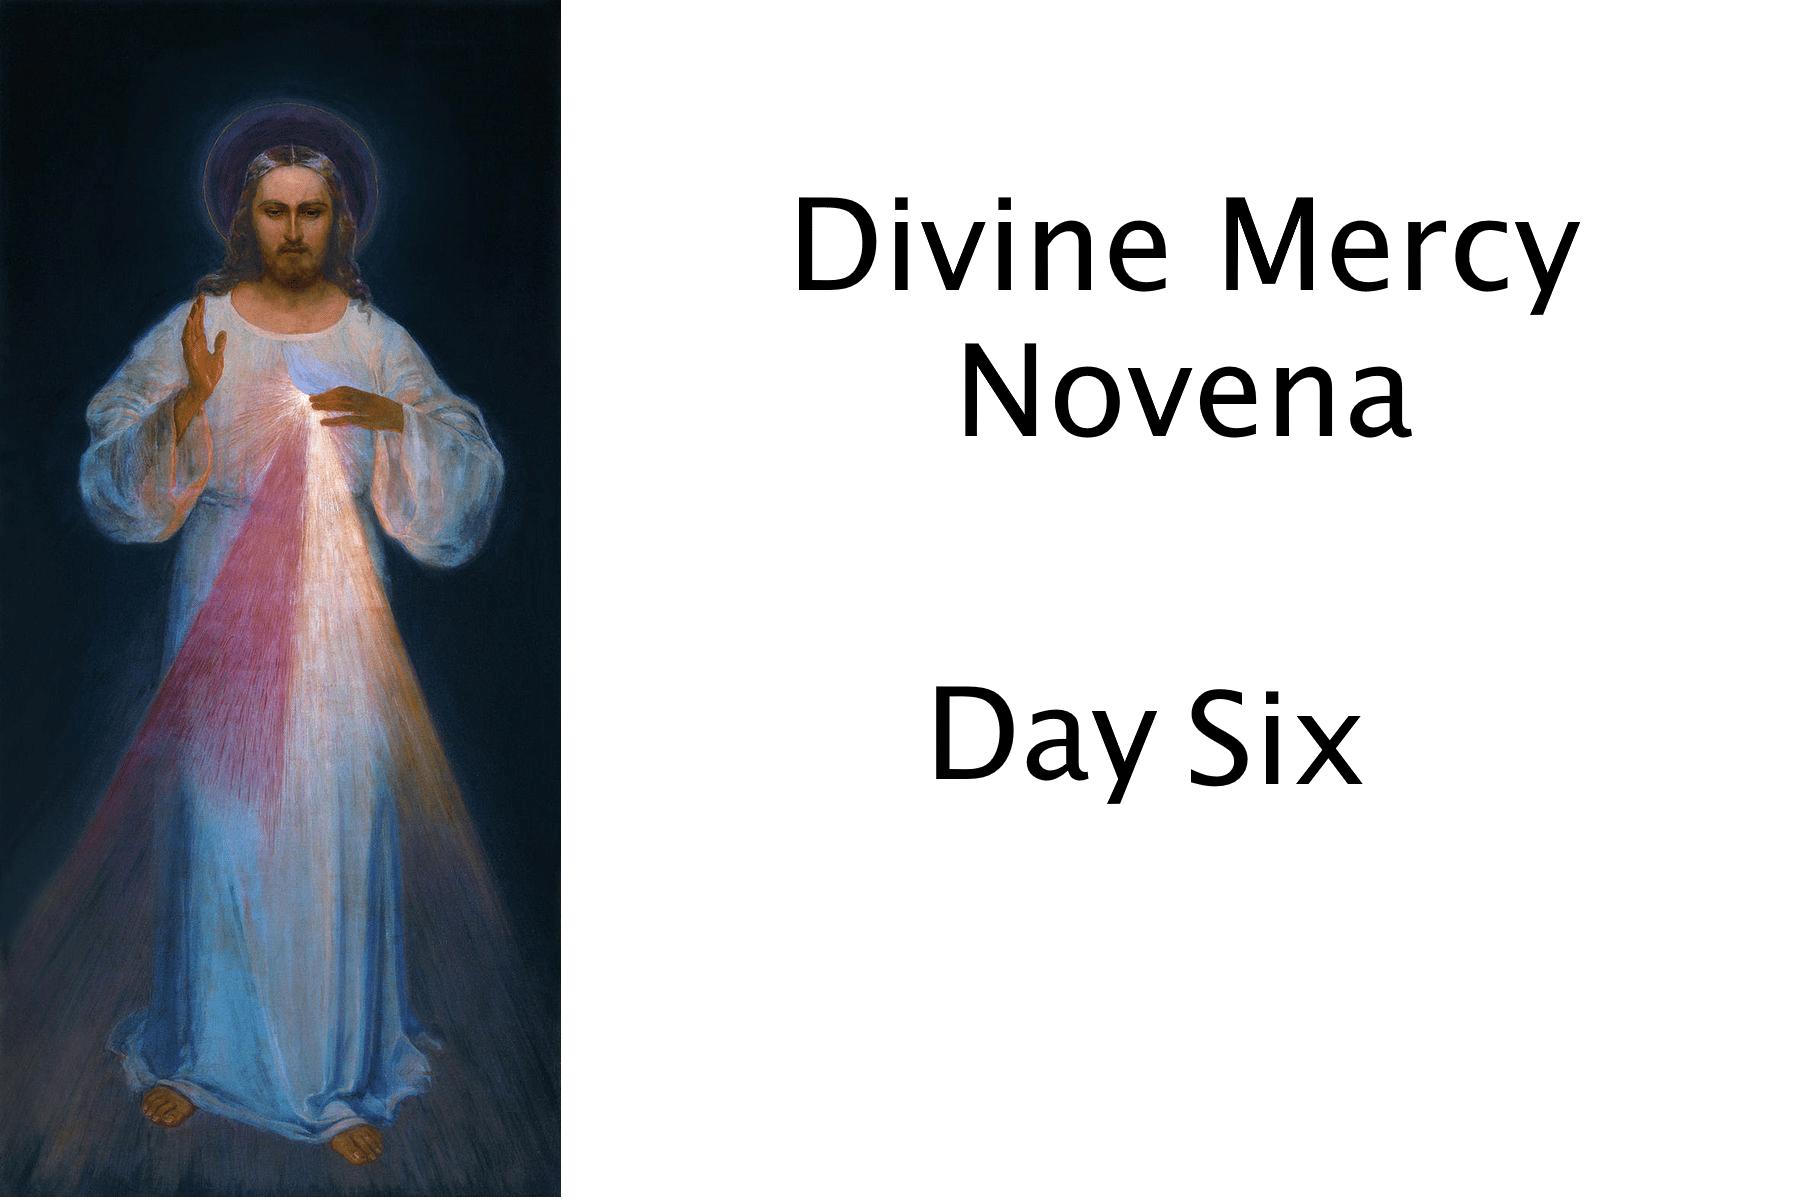 Divine Mercy Day 6